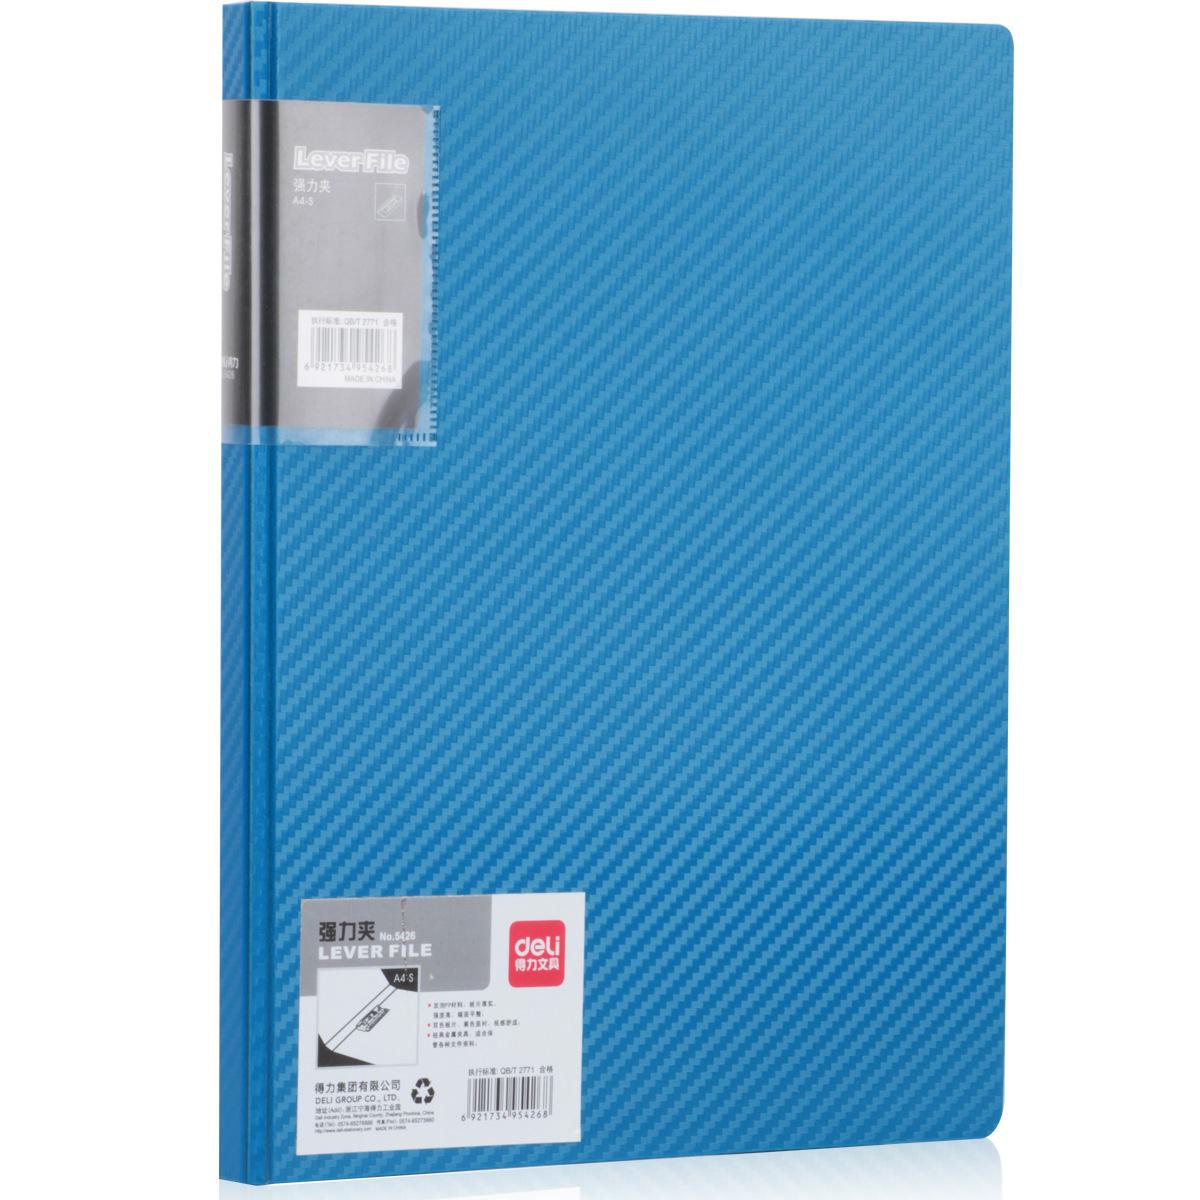 得力纸板文件夹5426 A4纸板夹 彩色A4纸文件夹【办公用品A仓满29包邮】